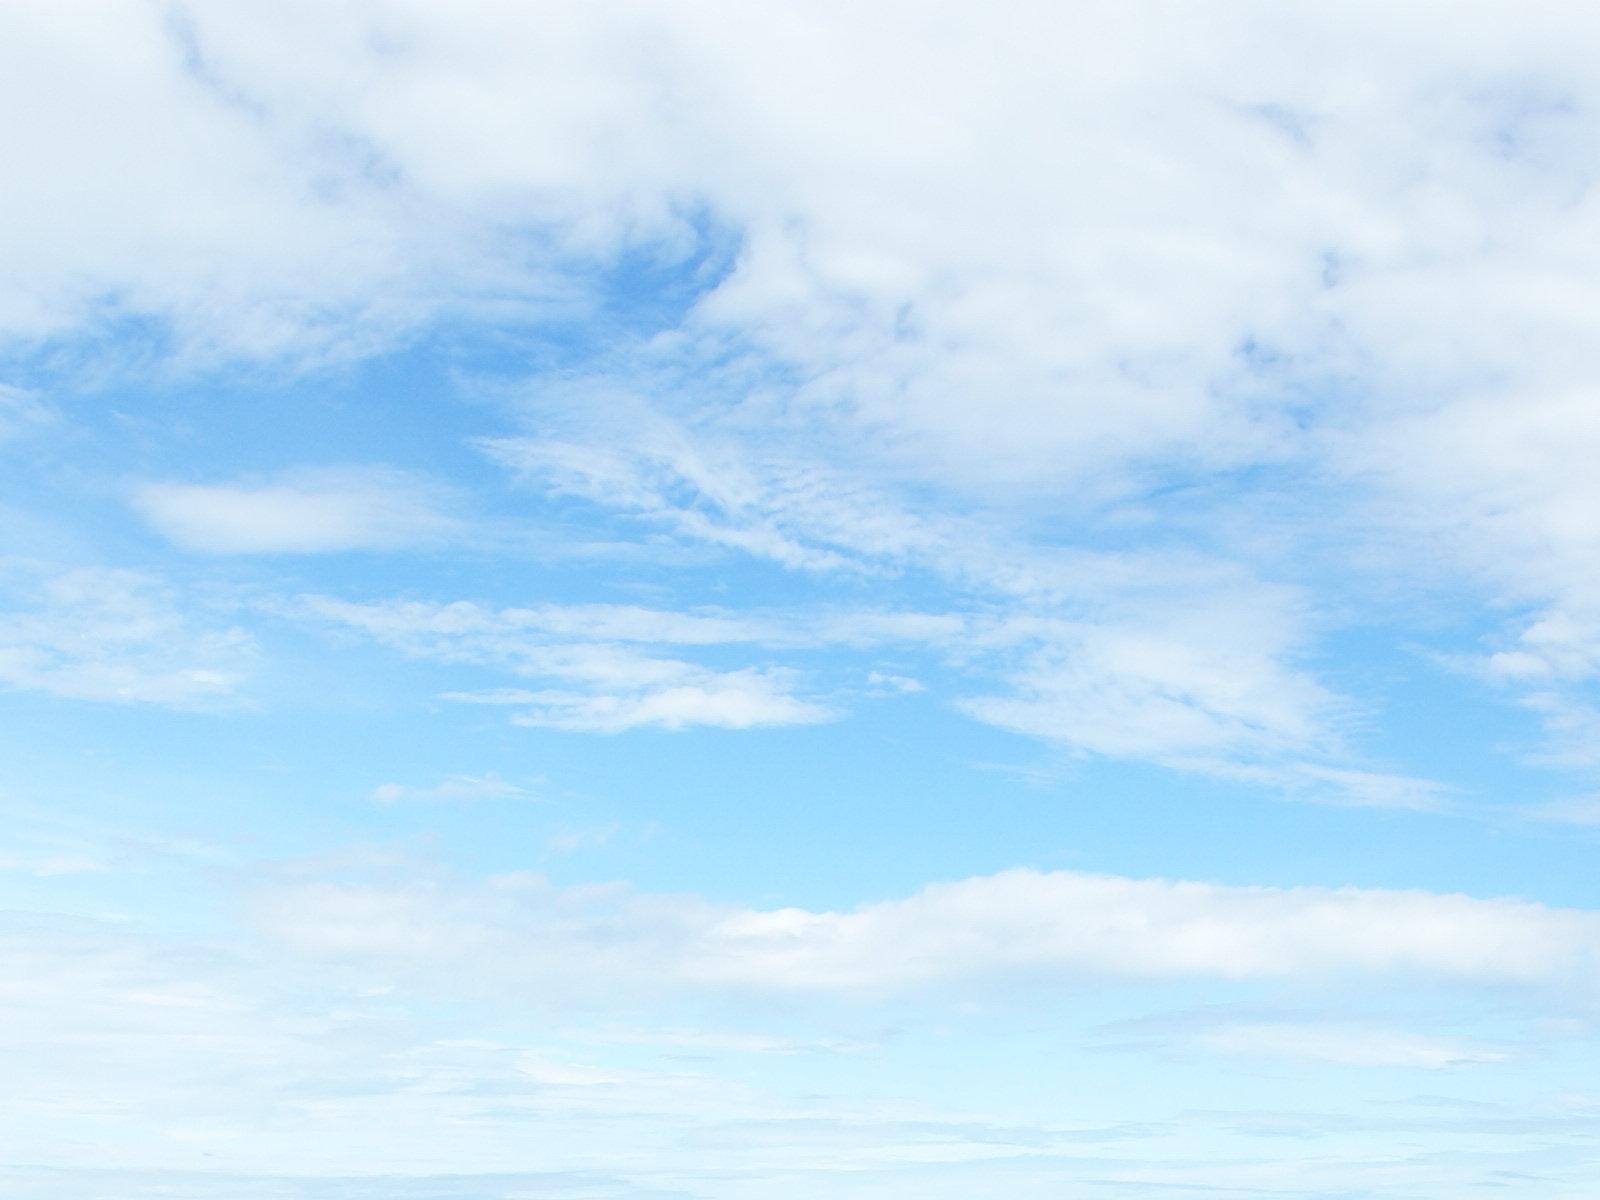 http://3.bp.blogspot.com/-B8KBWdTJT80/TtyJiR0jJUI/AAAAAAAAA-w/tr4eVszH5JM/s1600/sky-wallpaper-3-777451.jpg